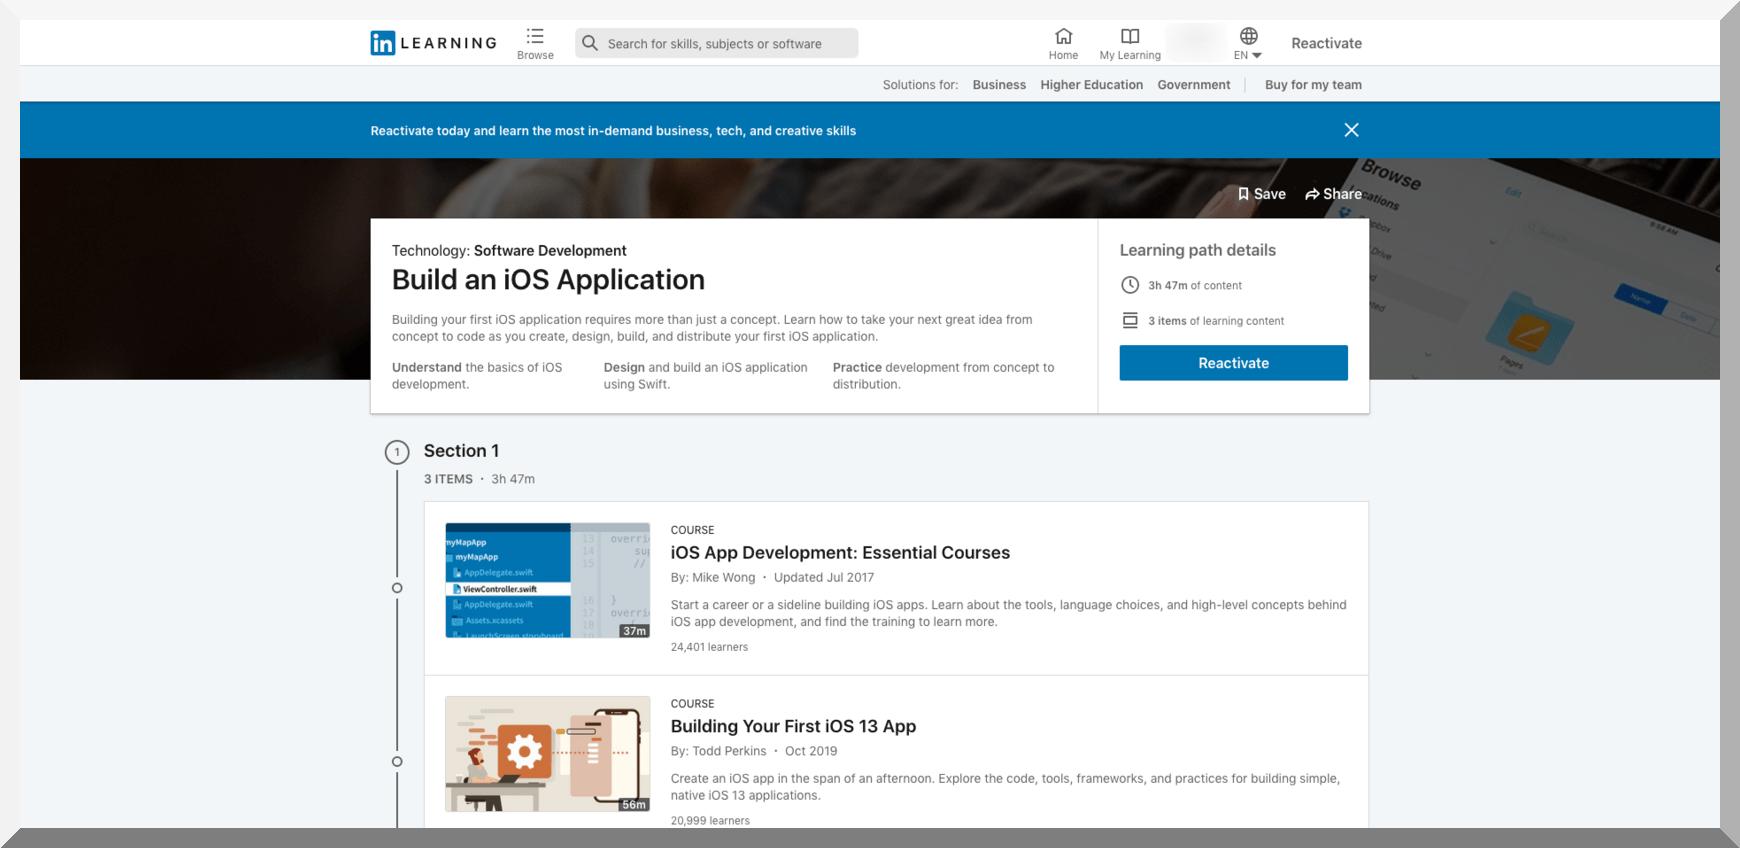 Build an iOS Application – LinkedIn Learning